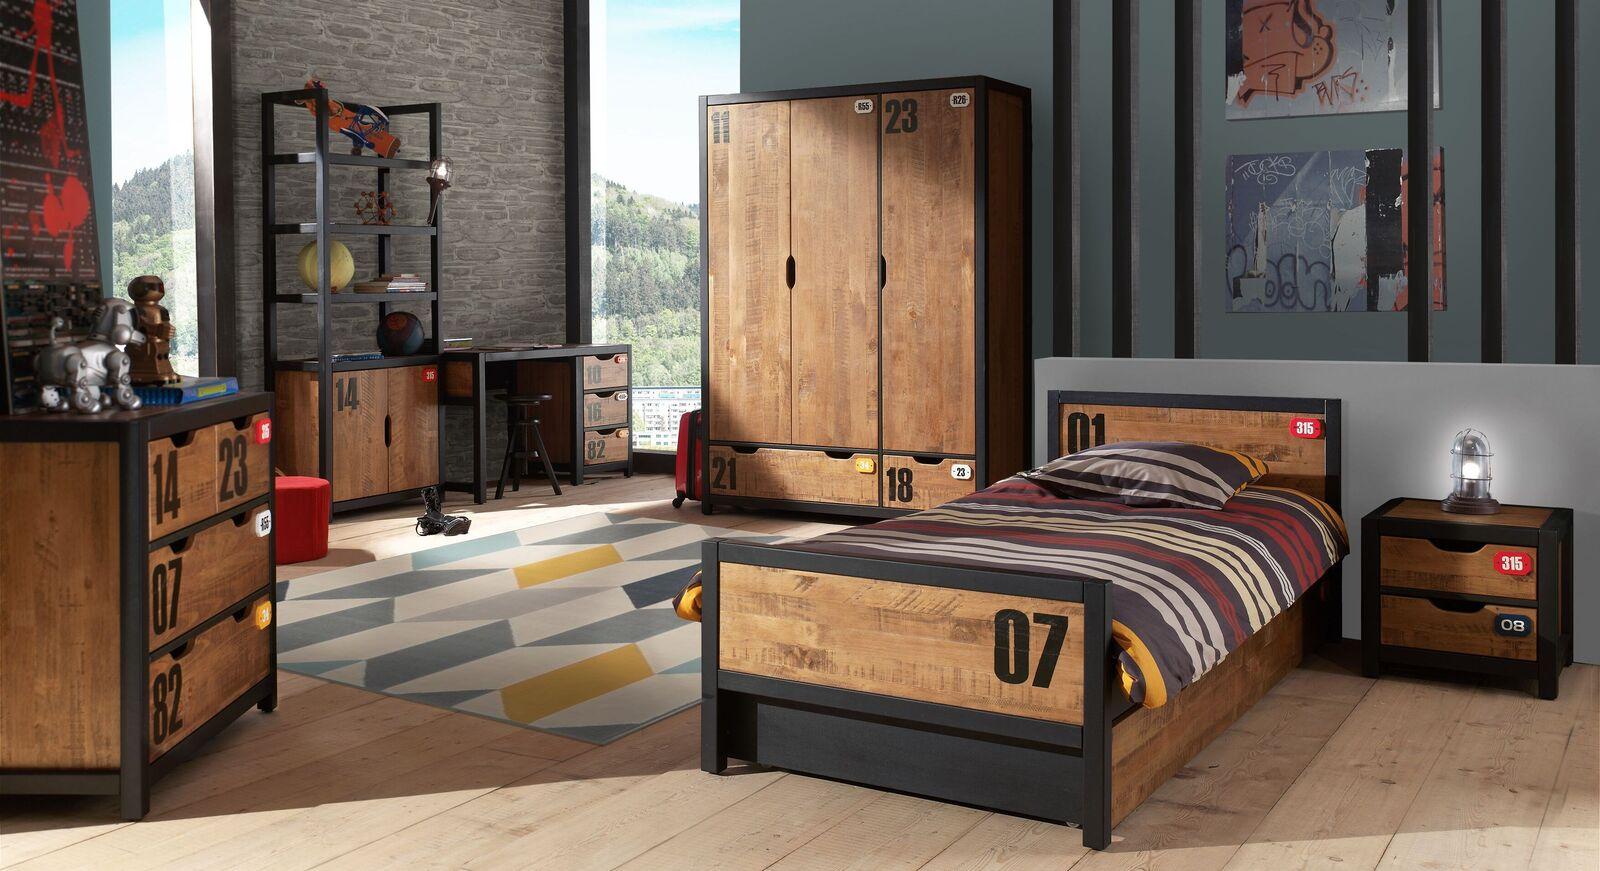 Jugendzimmer Beli mit passenden Schlafzimmermöbeln